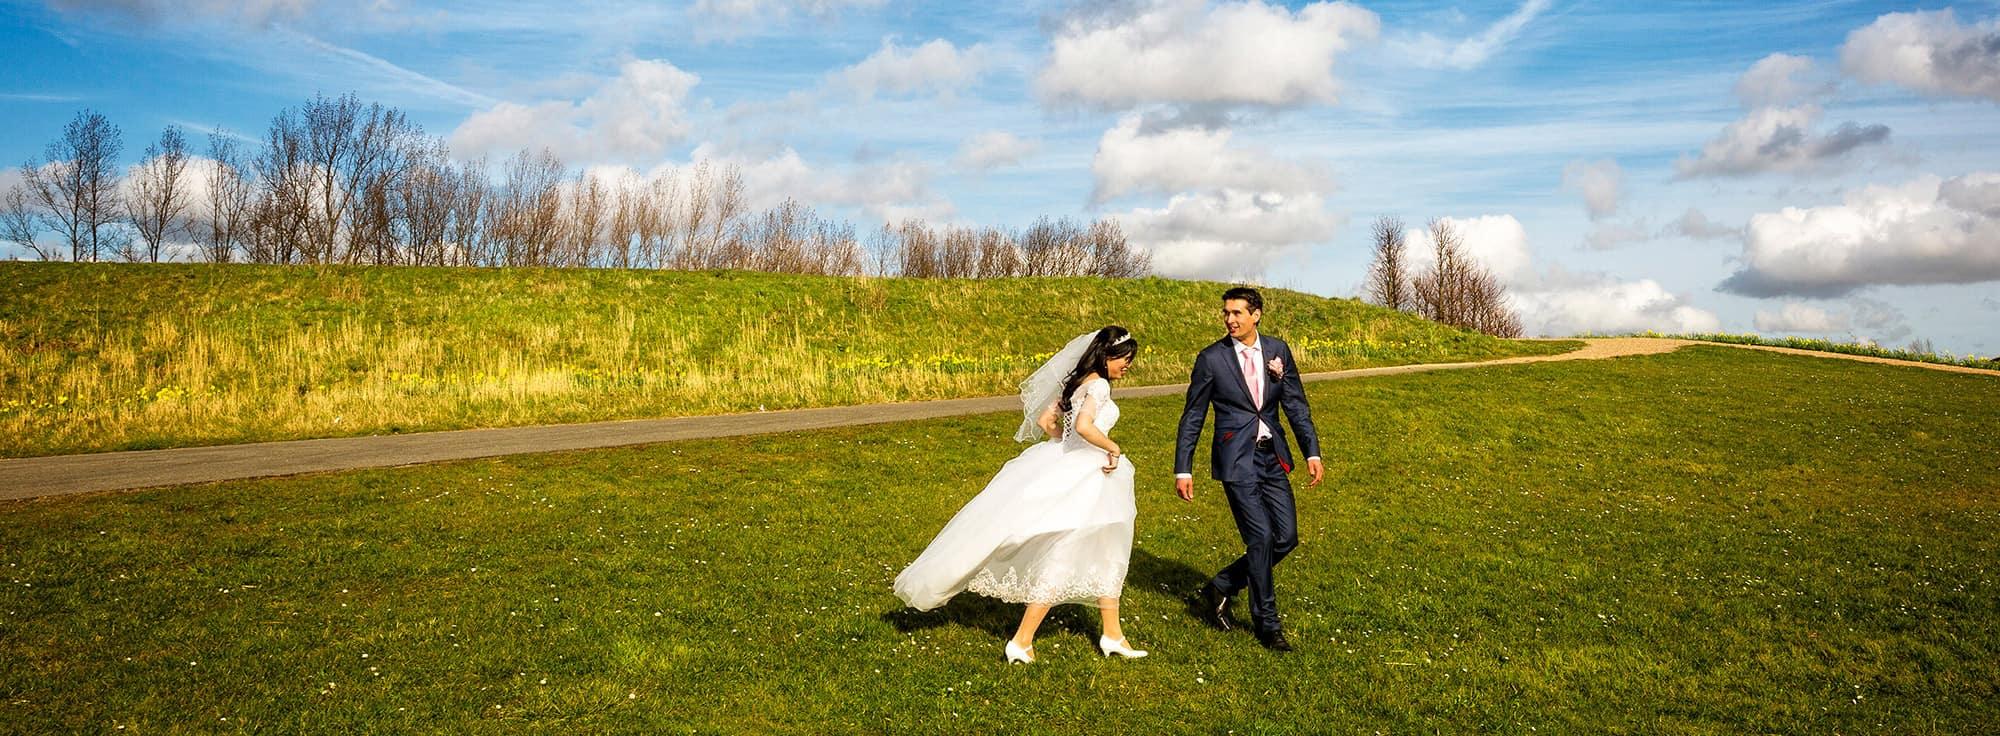 Huwelijksfotograaf Nieuw-Vennep bruiloft trouwen